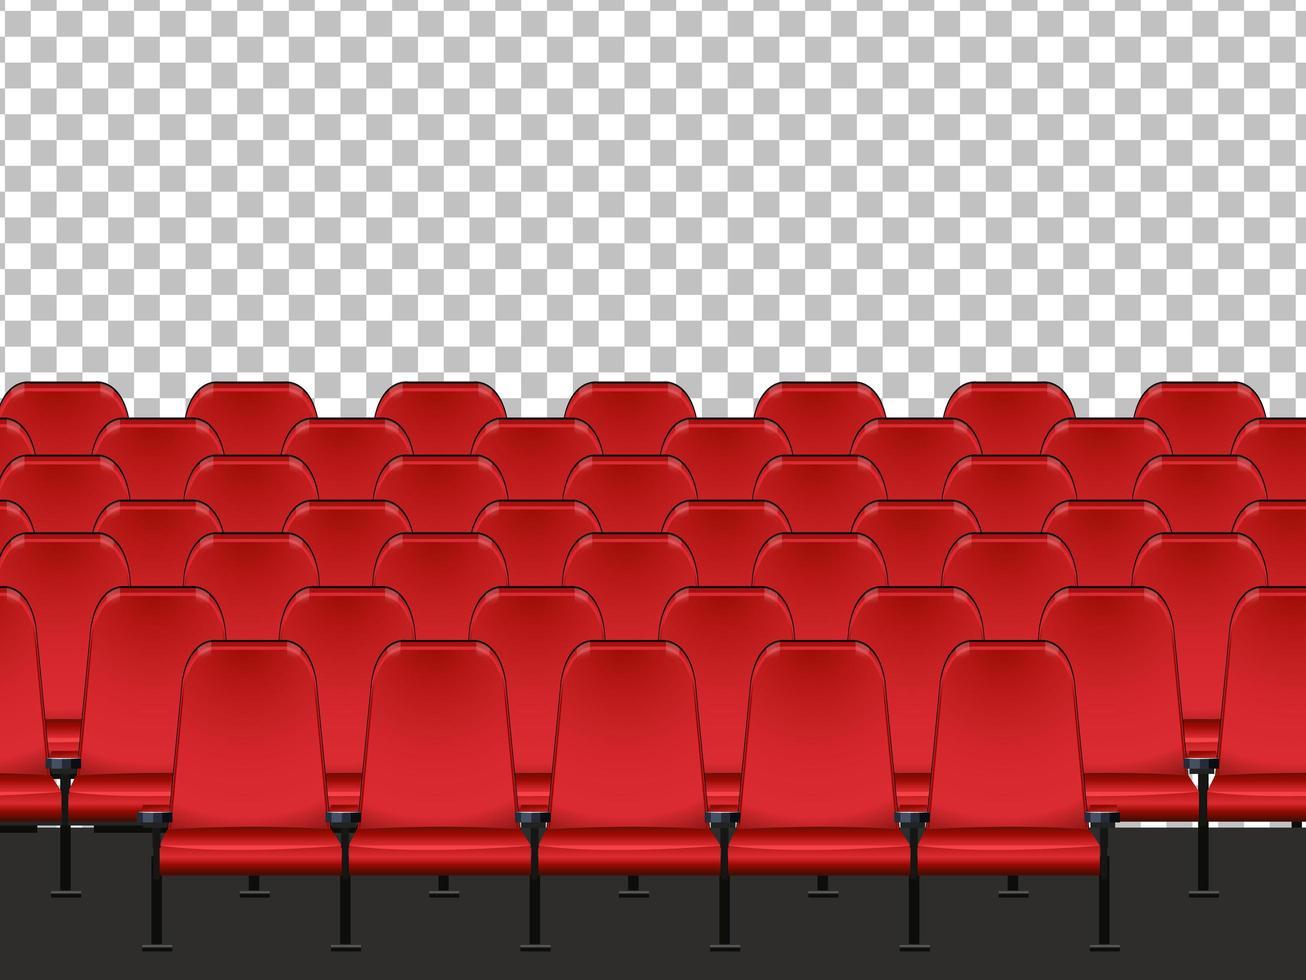 sièges rouges au cinéma avec fond transparent vecteur